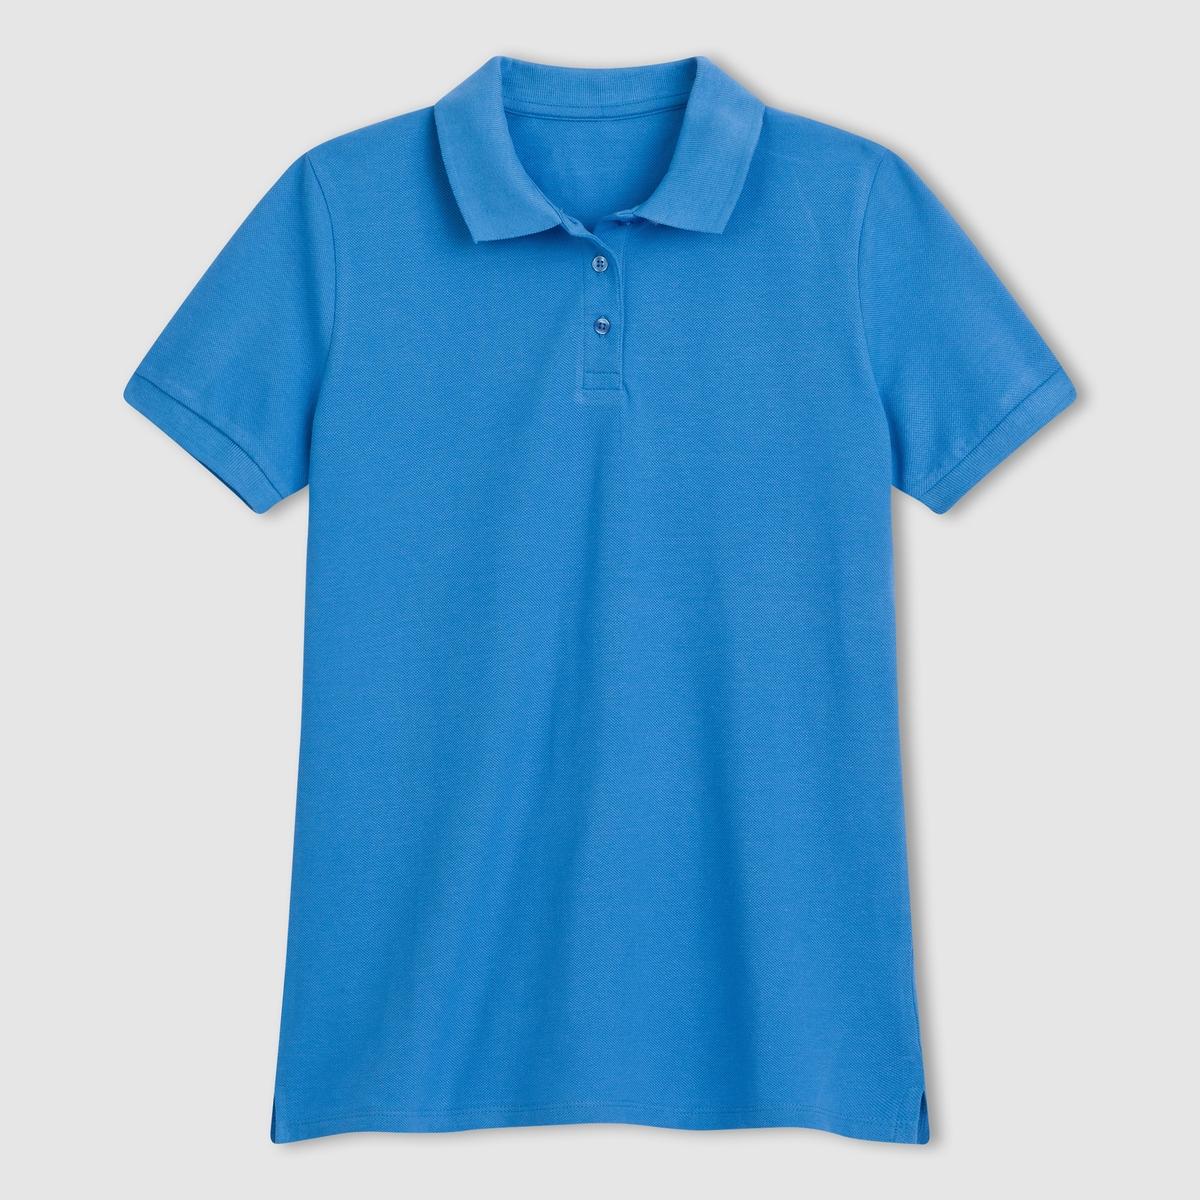 Футболка-поло с короткими рукавамиСтильная футболка-поло с короткими рукавами . 100% хлопка . Воротник-поло . Планка застежки на пуговицы . Длина 64 см  .<br><br>Цвет: синий морской волны<br>Размер: 38/40 (FR) - 44/46 (RUS)